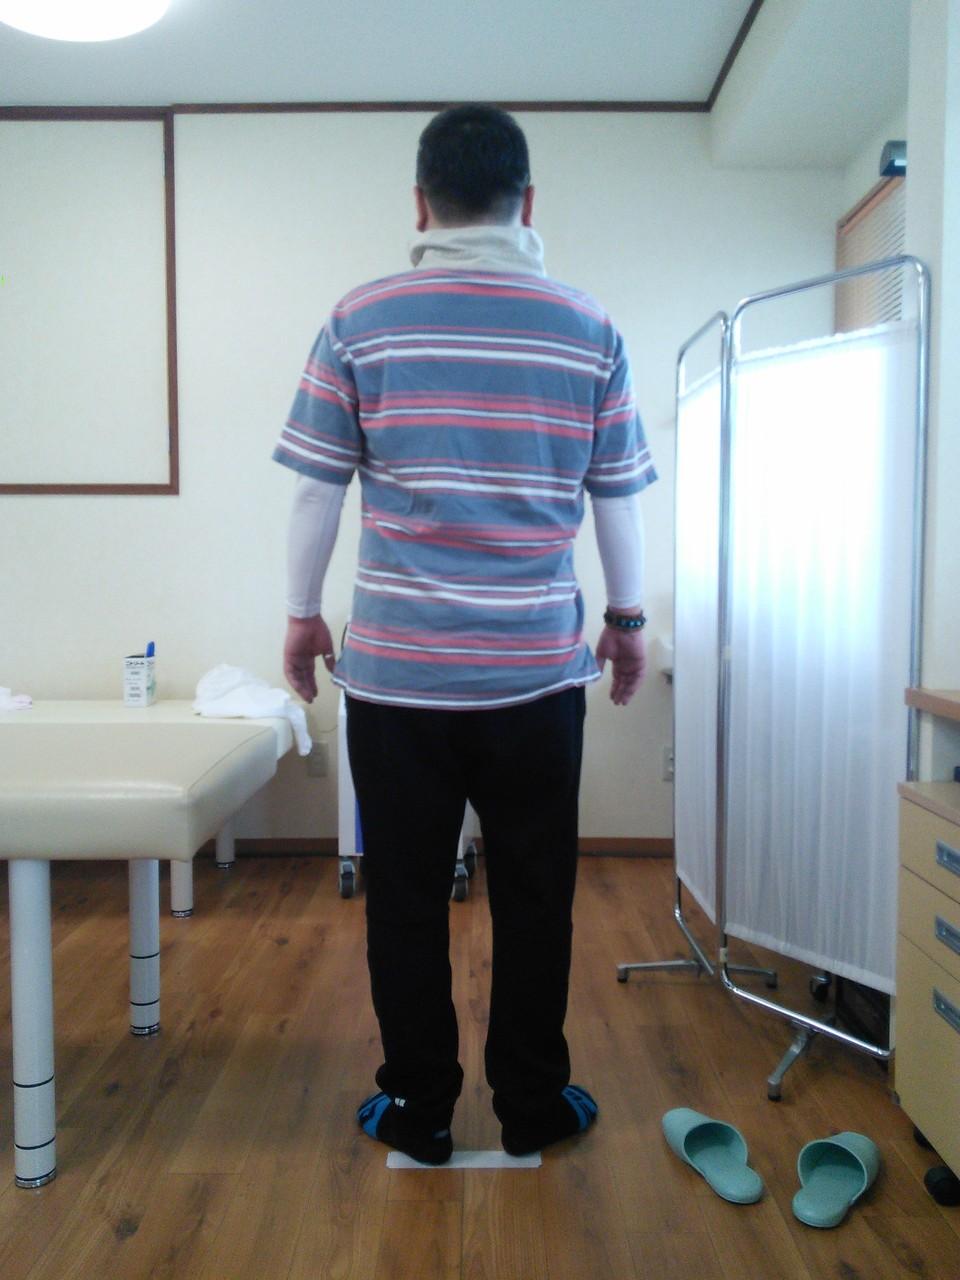 施術後、痛みも治まり姿勢も良くなりました。整体マッサ-ジ